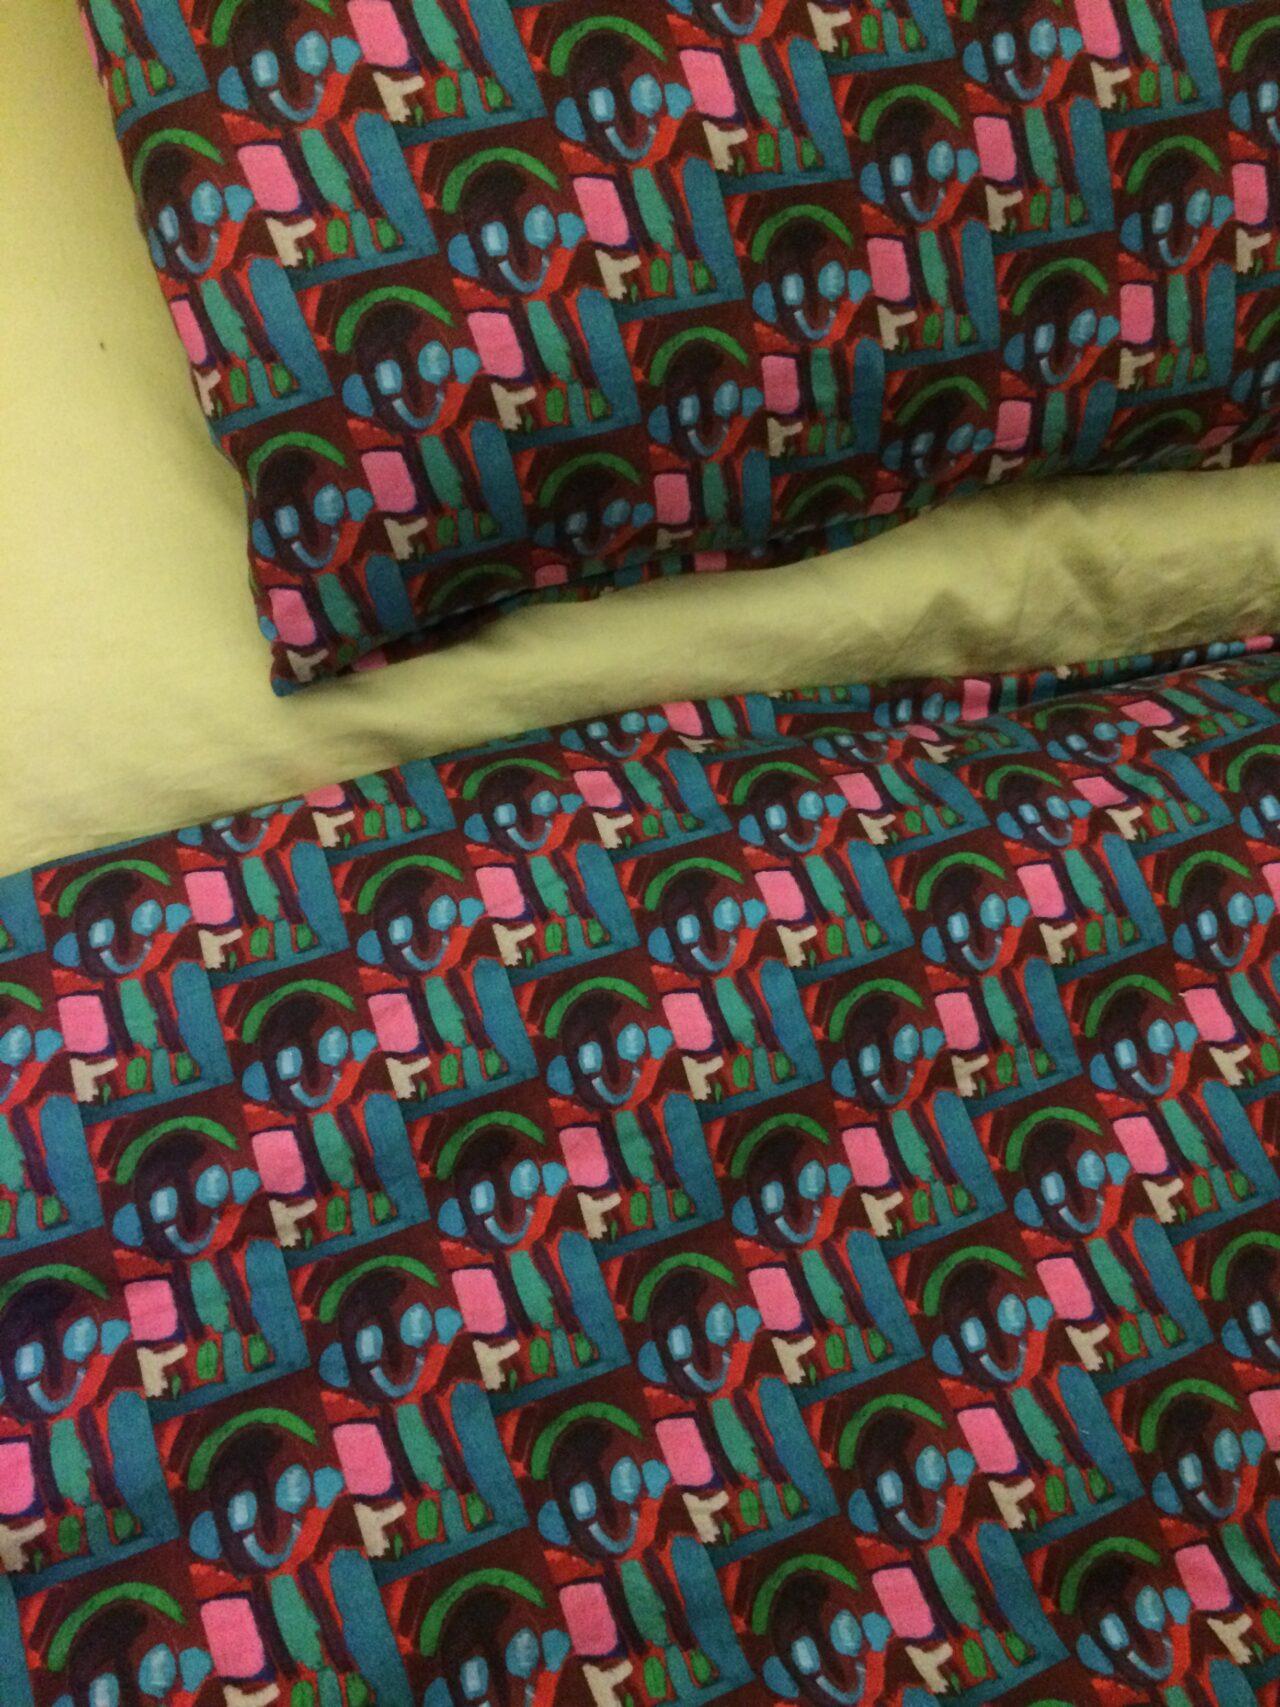 bettwäsche-duschvorhänge-textildesign-kunst-menschen-mit behinderungen-helena-kisling